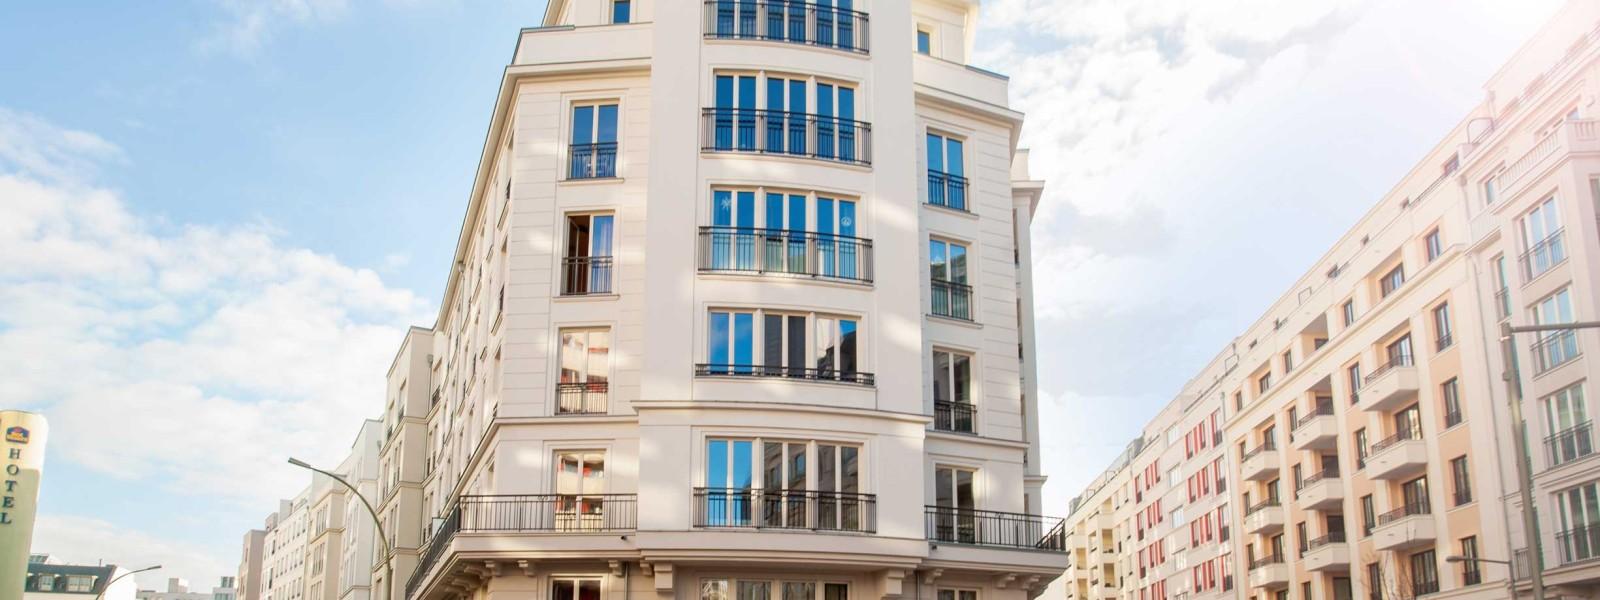 Erstklassiges Apartment im Zentrum von Berlin